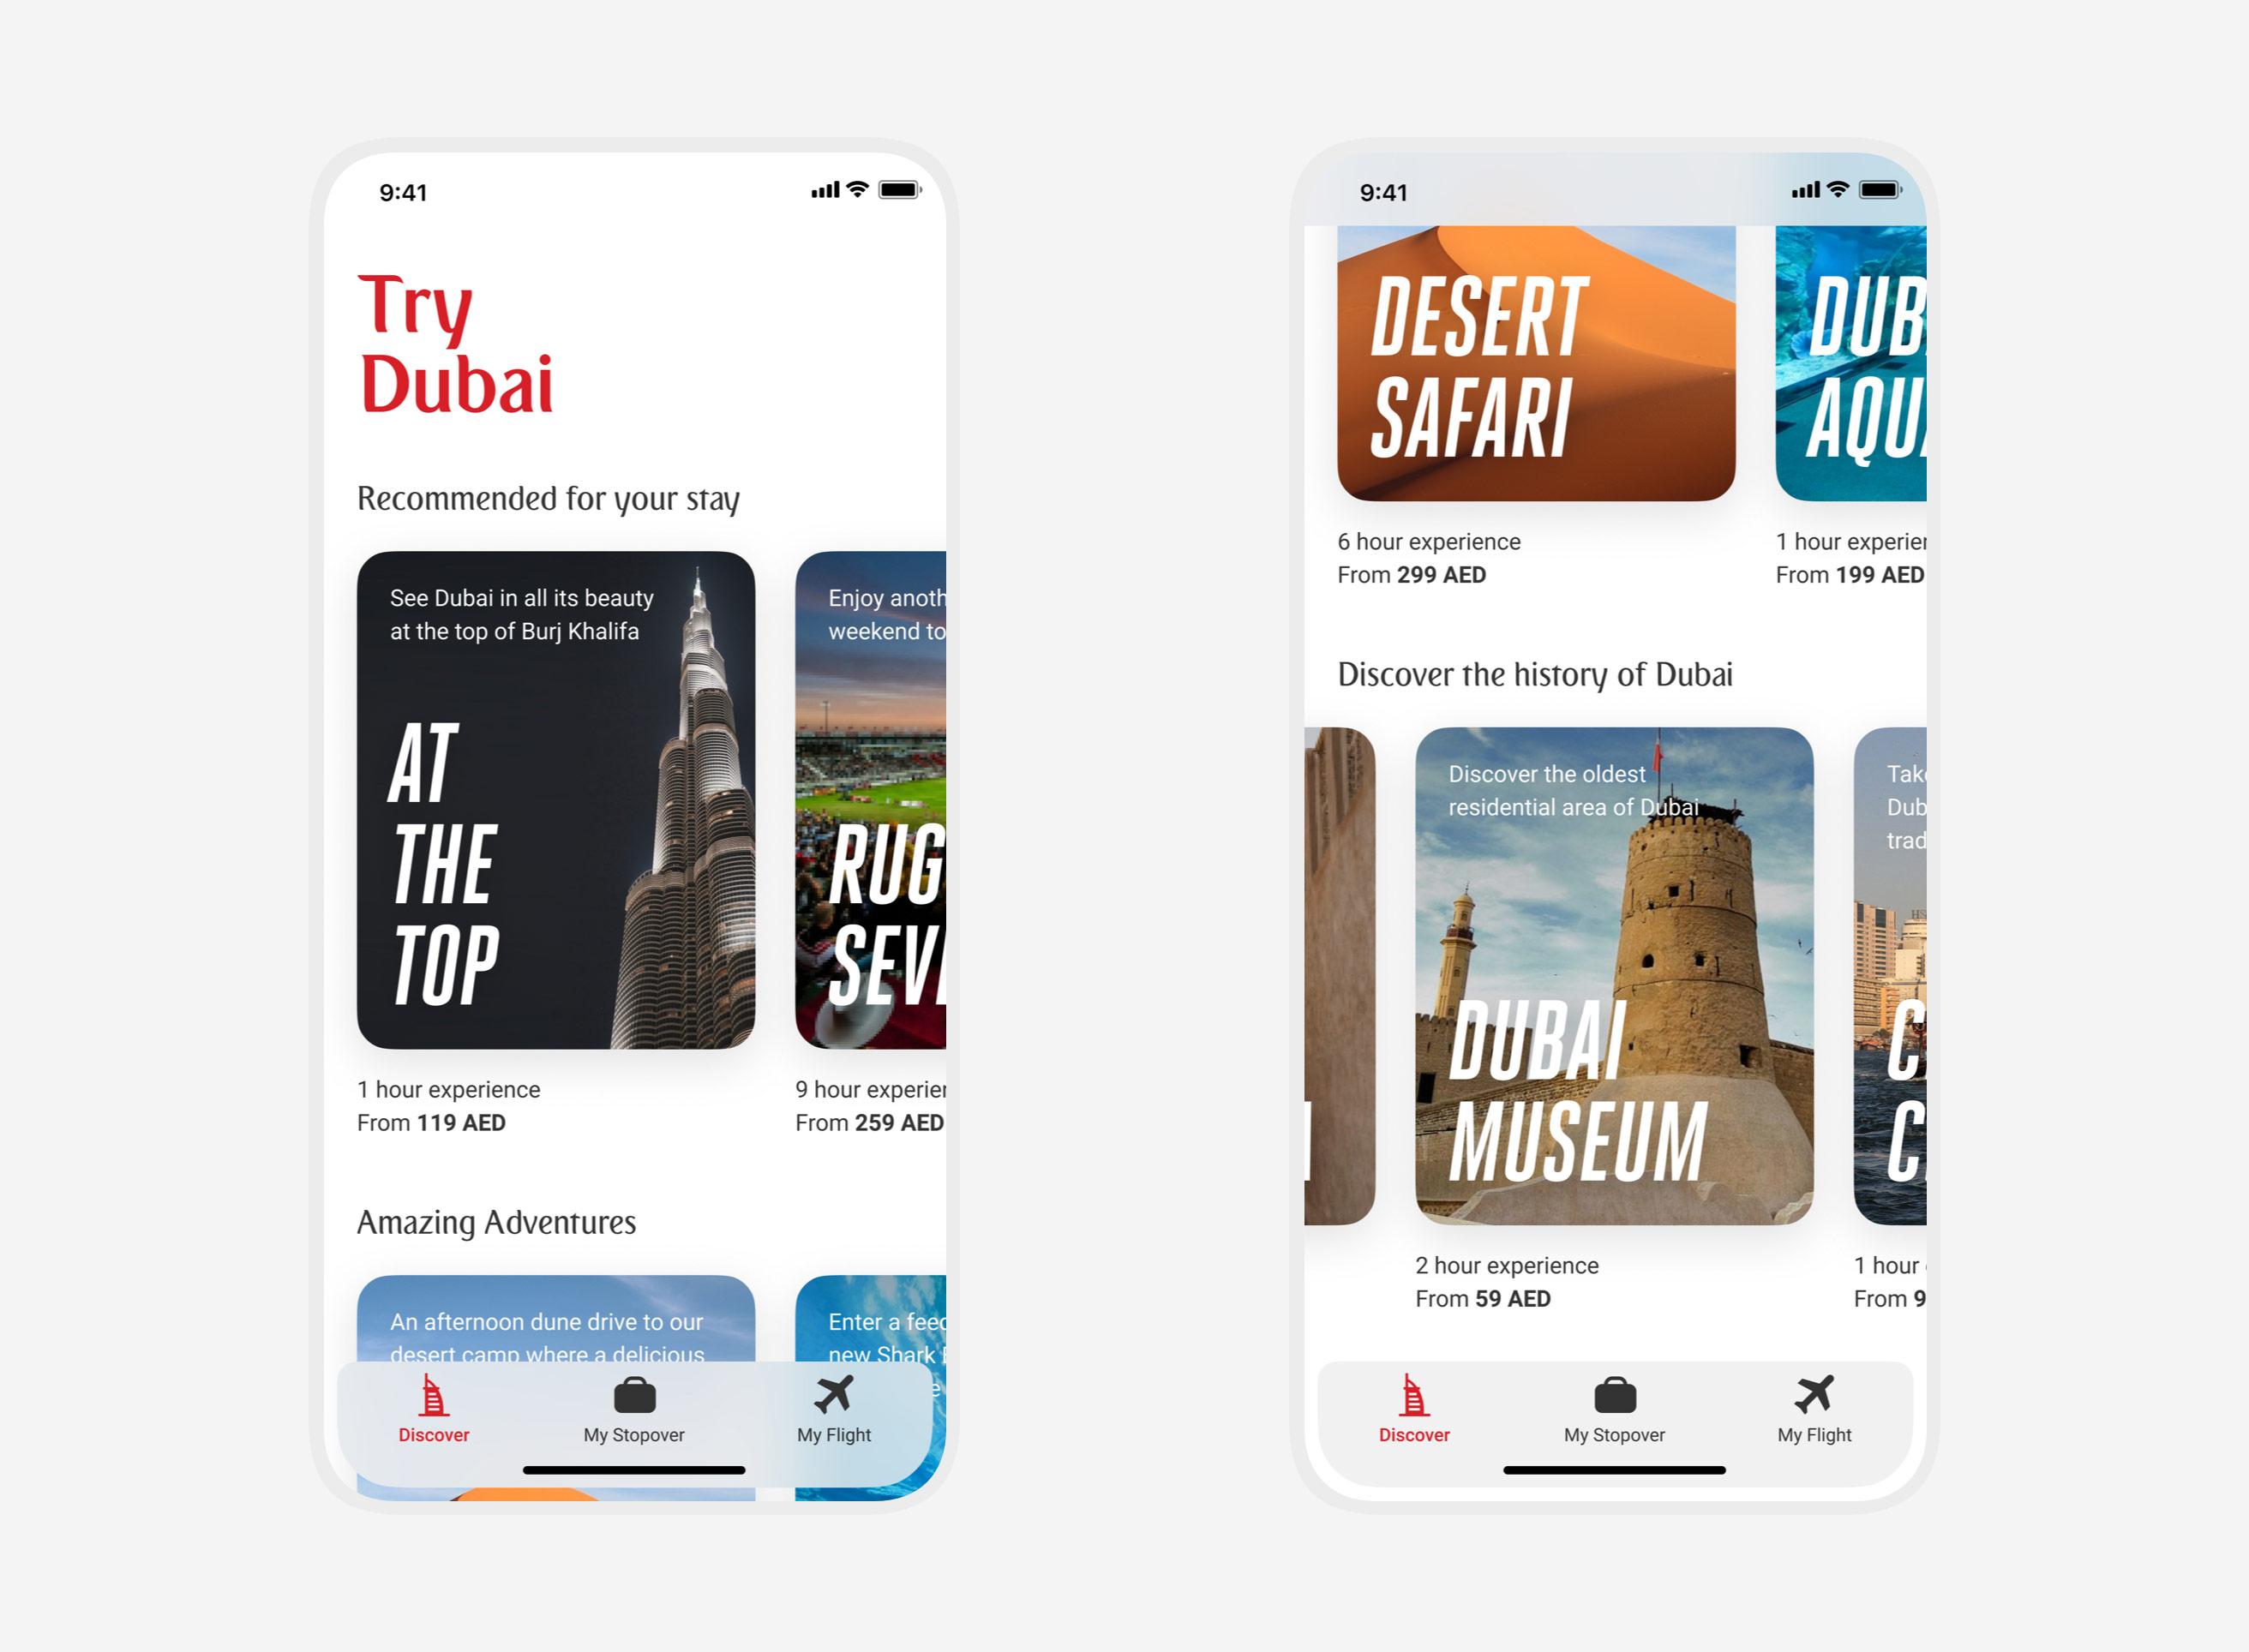 trydubai_design_discover